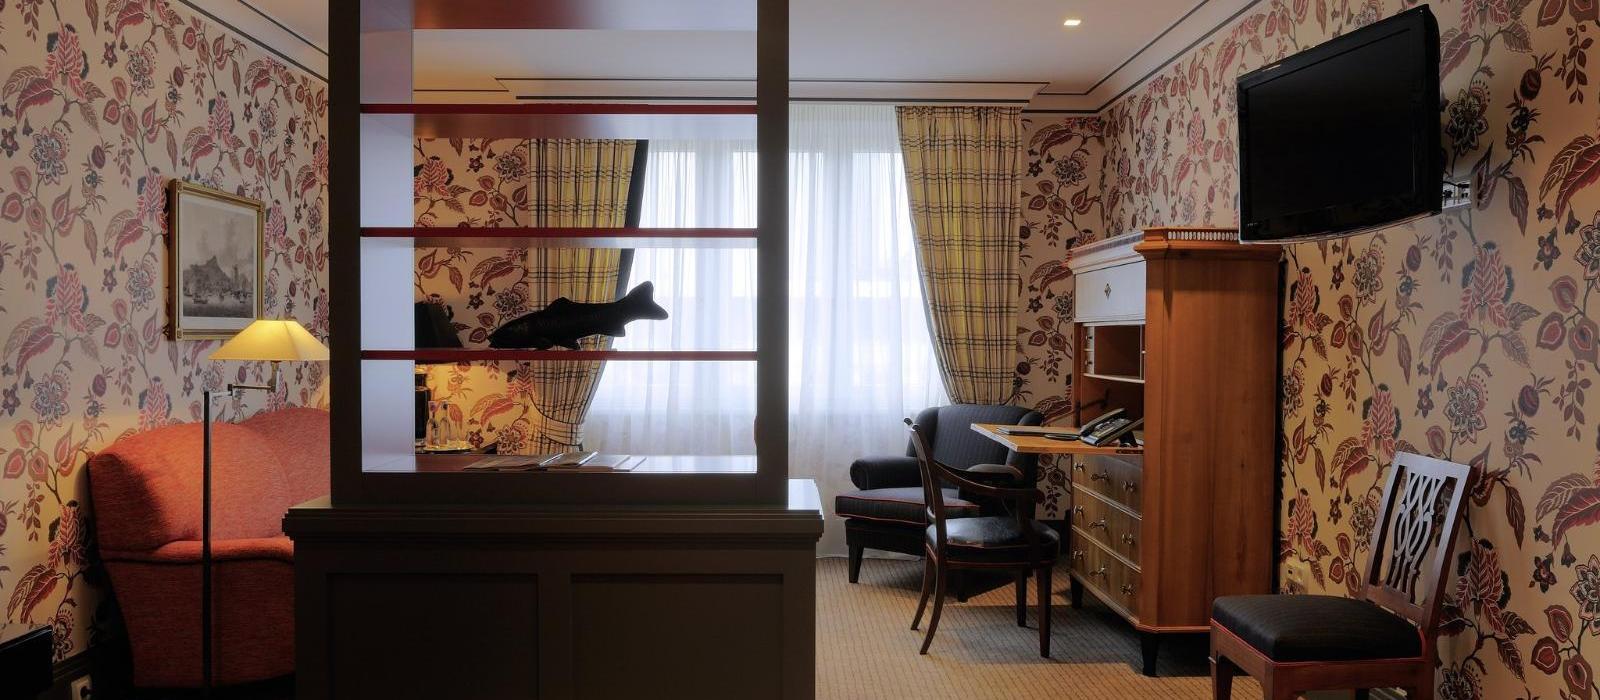 海森霍夫大酒店(Grandhotel Hessischer Hof) 行政客房图片  www.lhw.cn